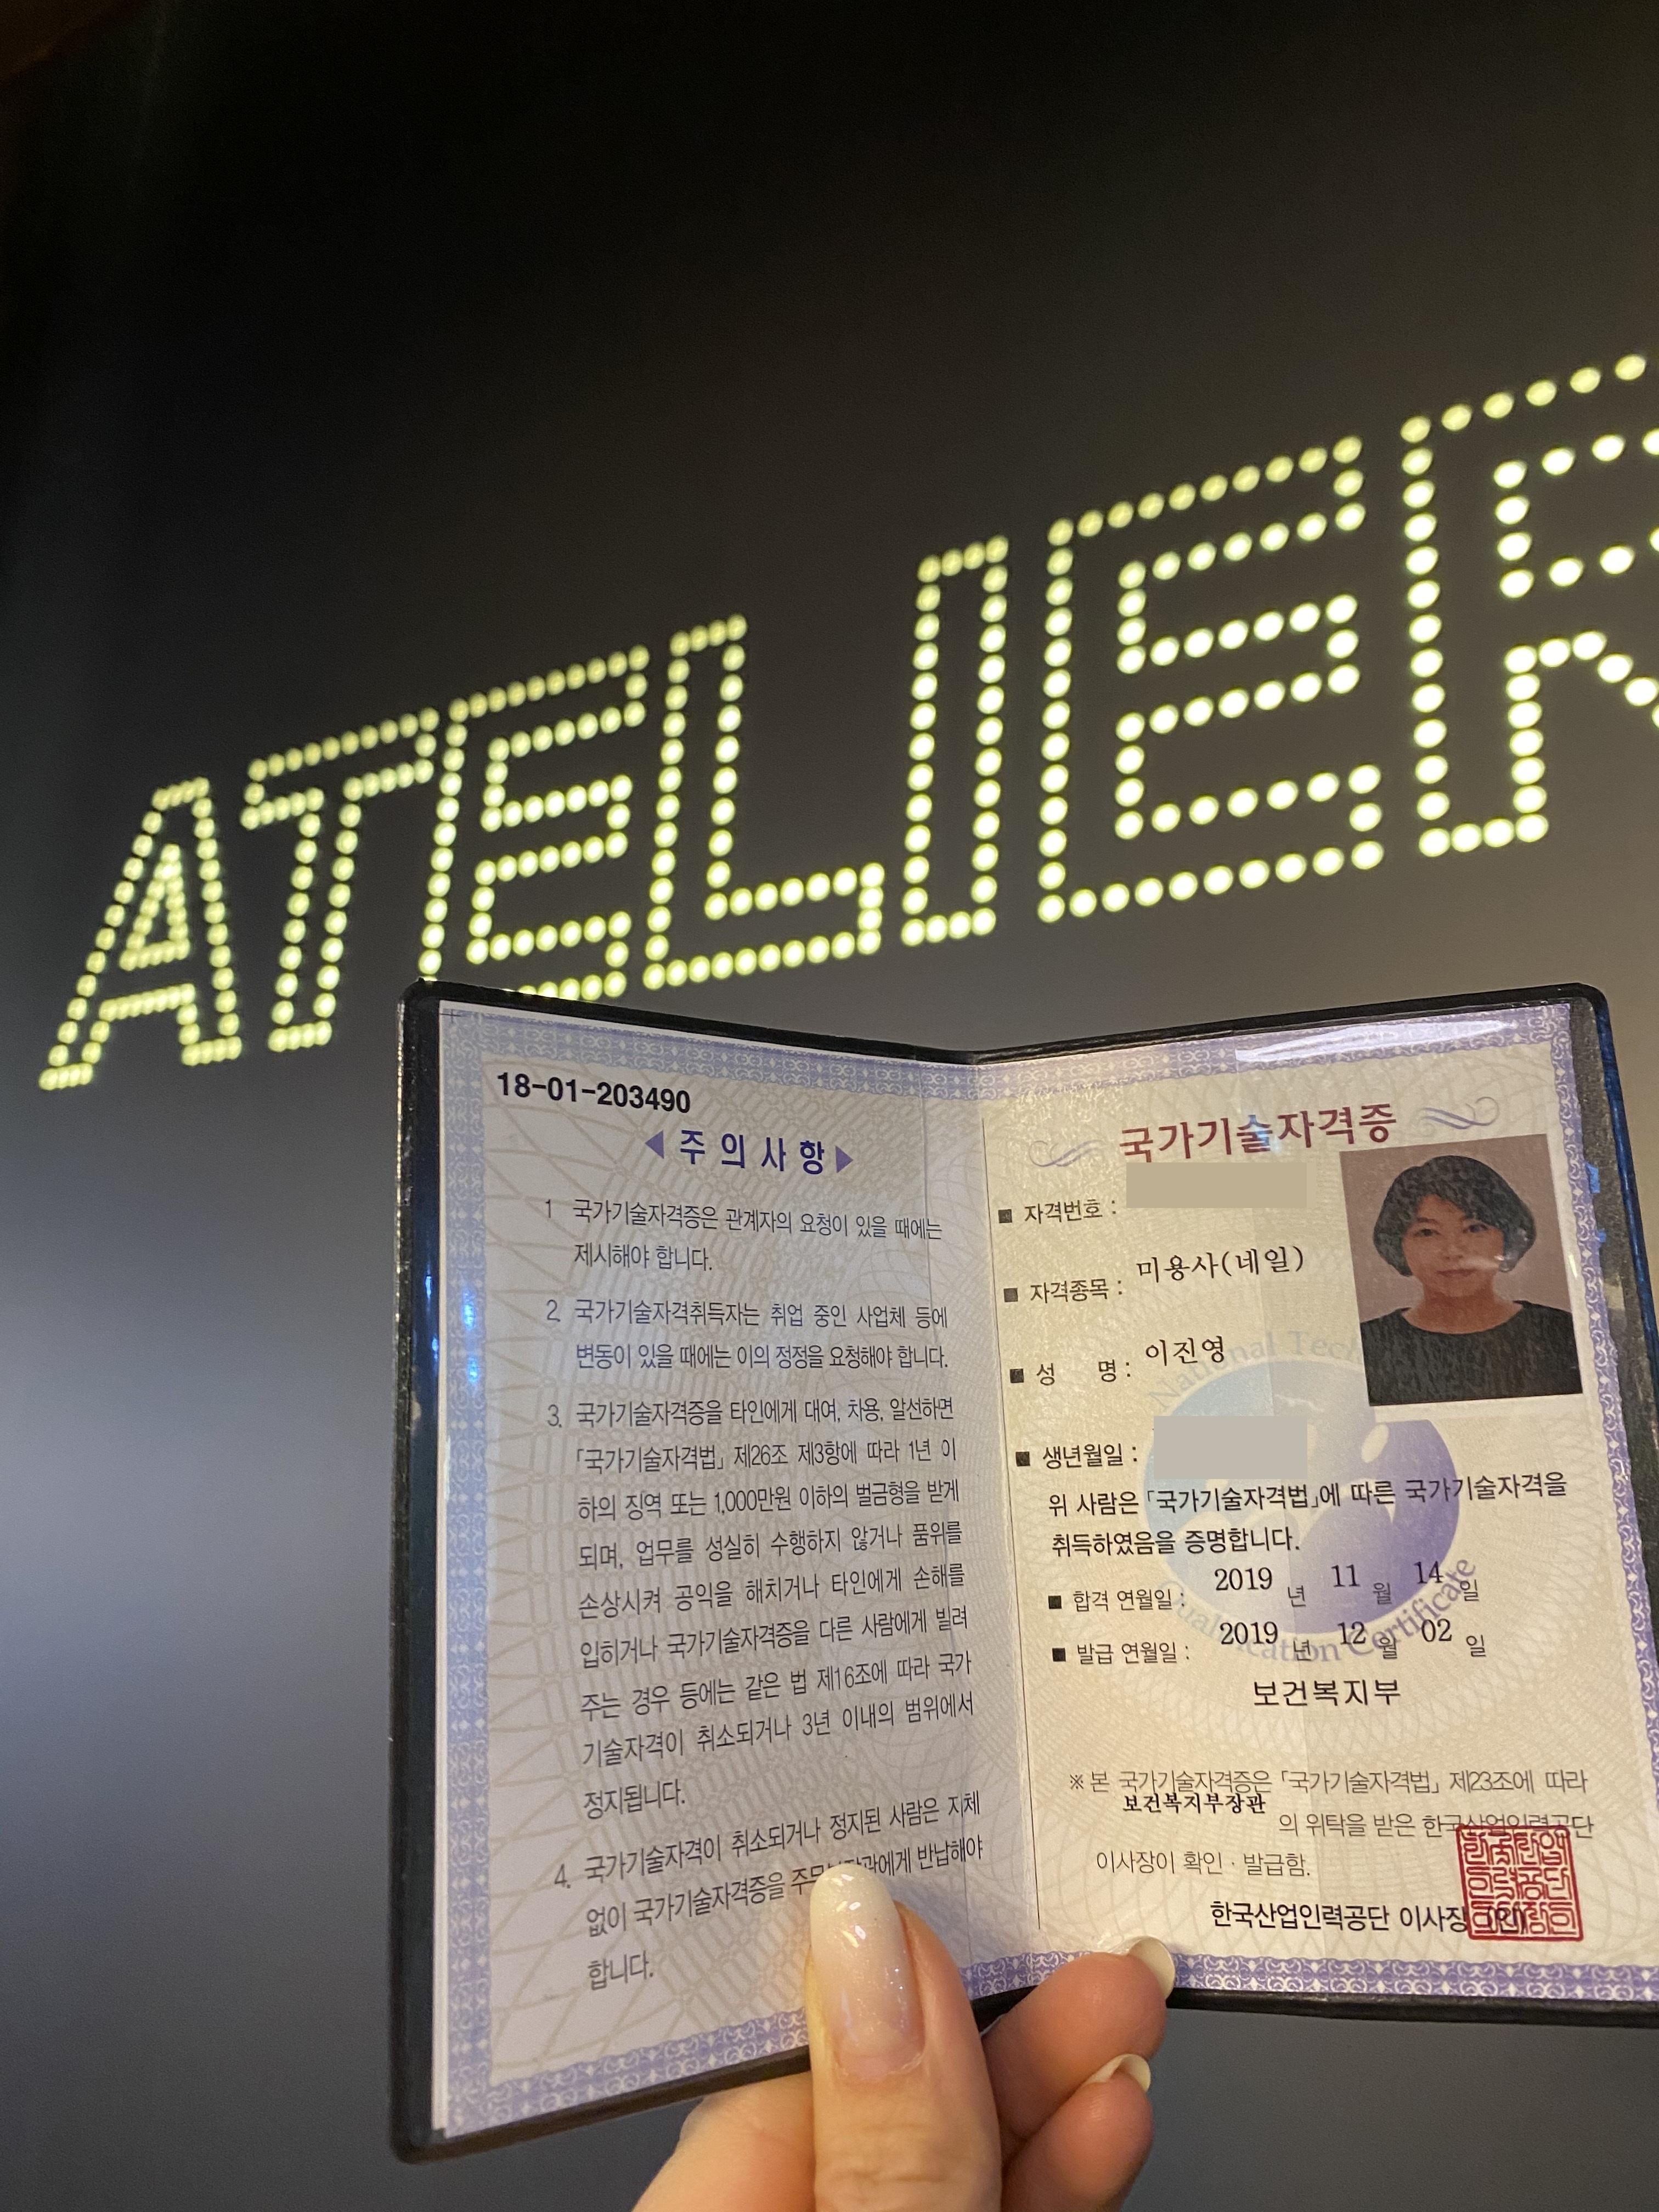 이진영 학생 네일아트 수강생 후기!